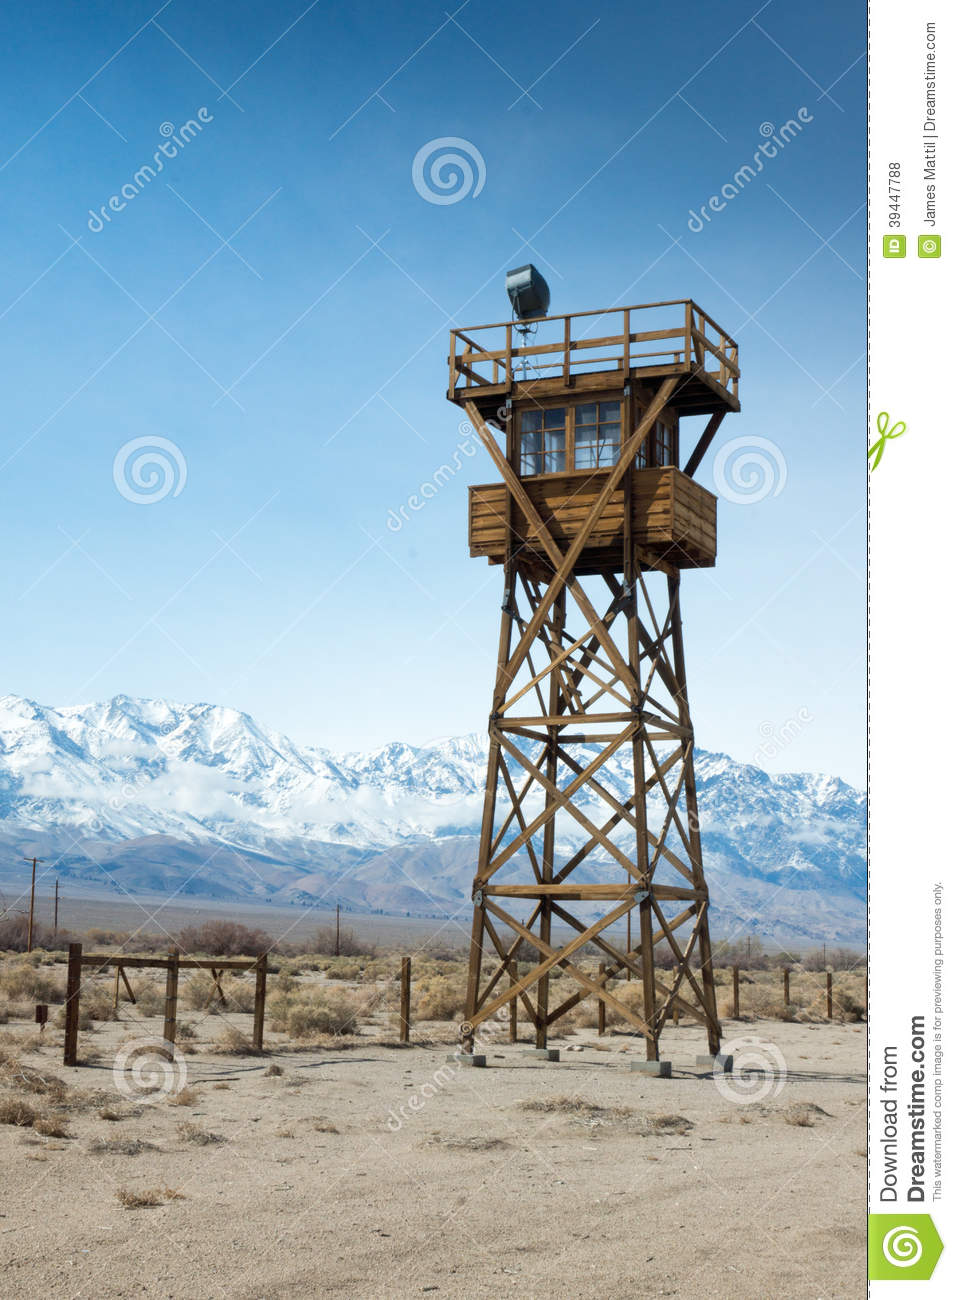 Manzanar Watch Tower Stock Photo.